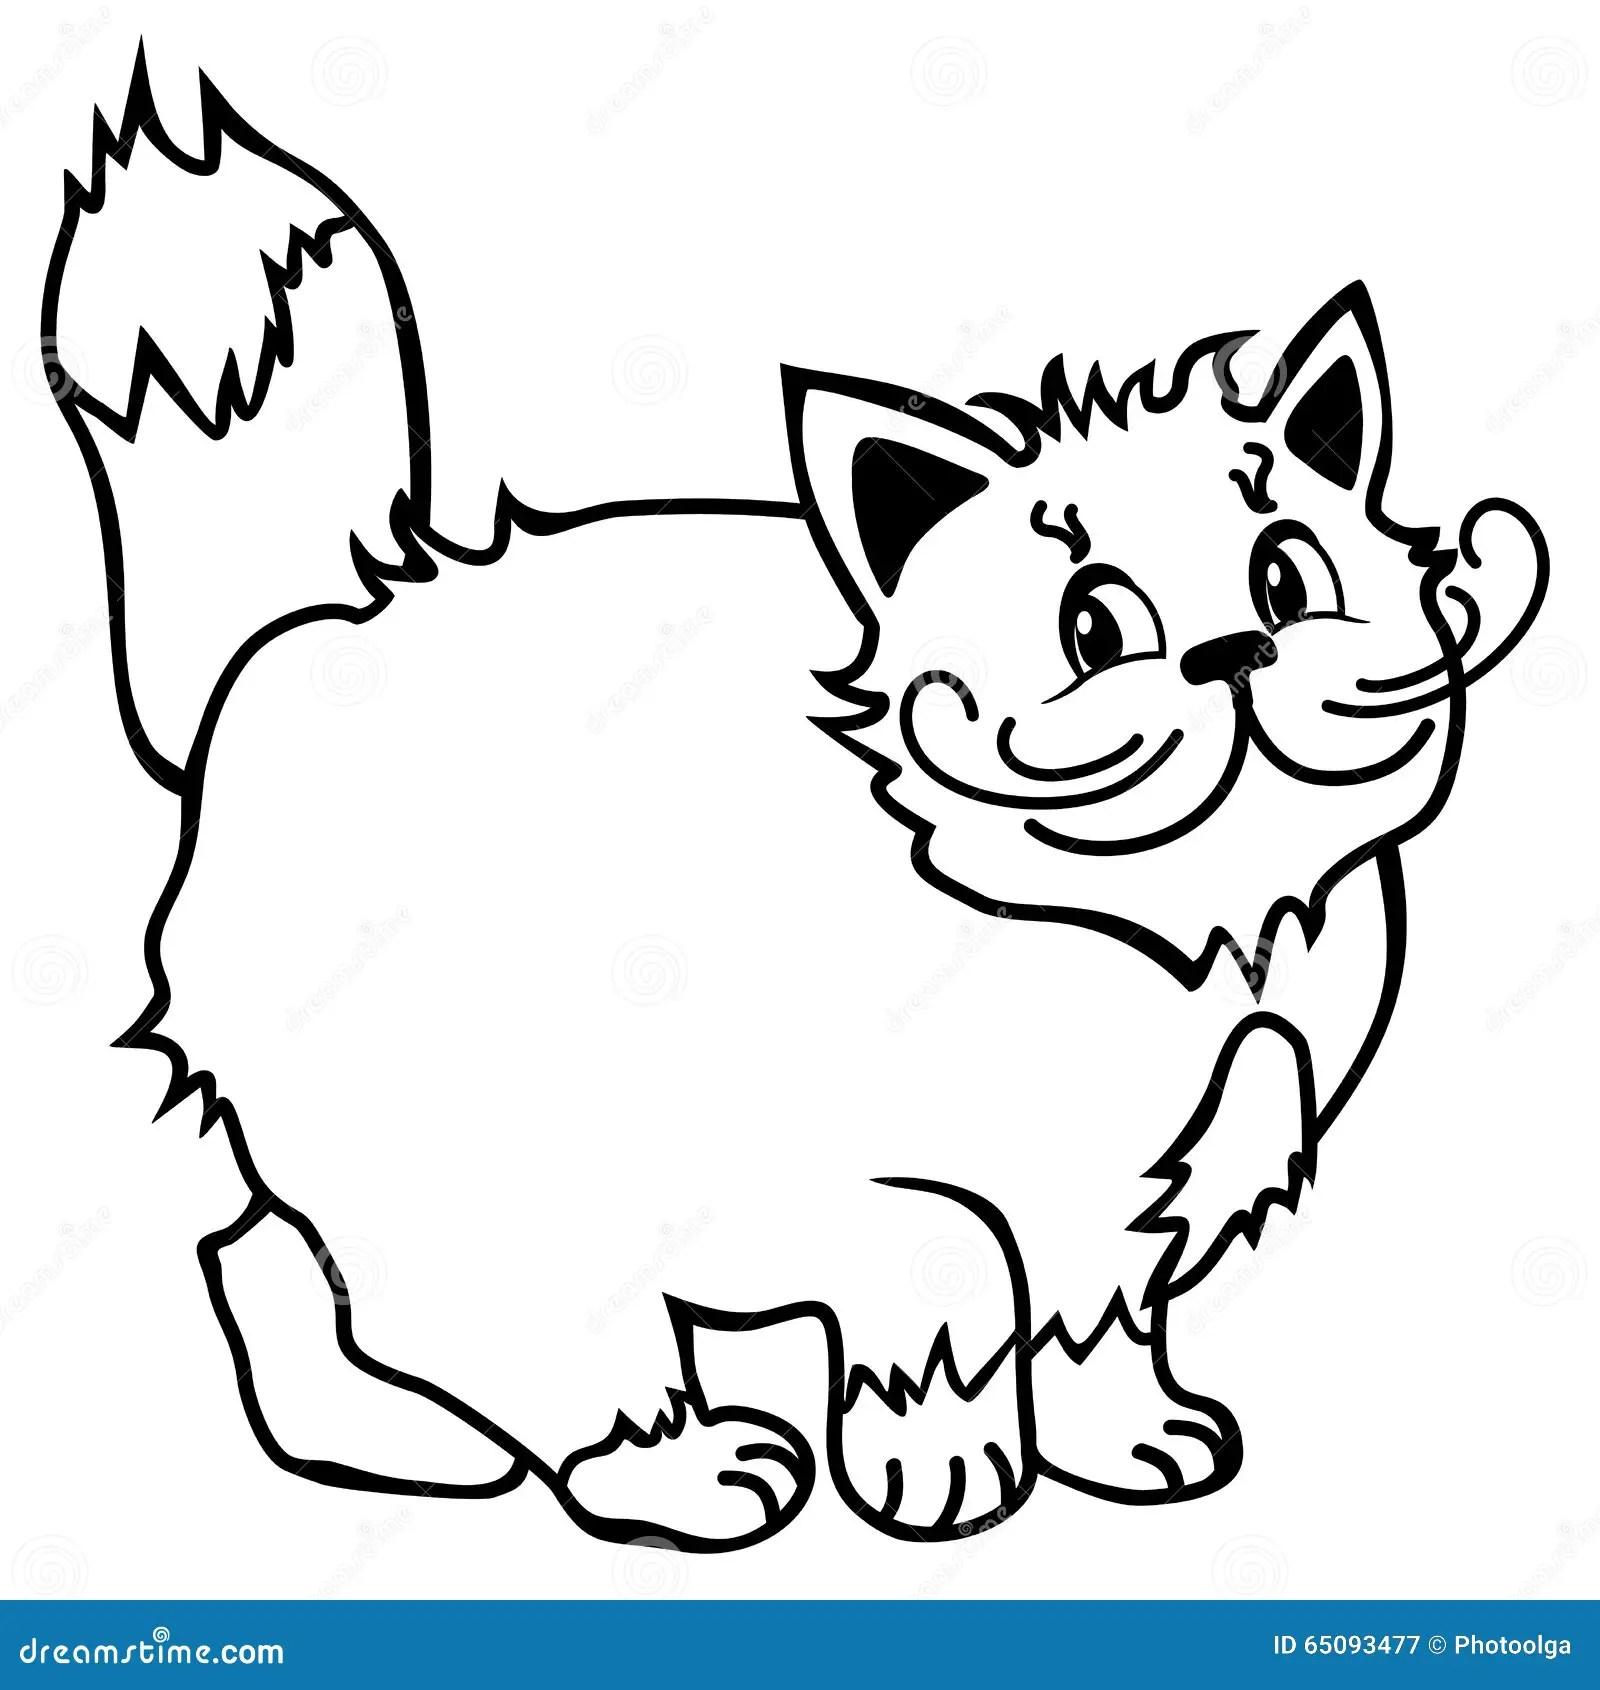 Cute Cat Simple Line Drawing Smiling Cat Cartoon Stock